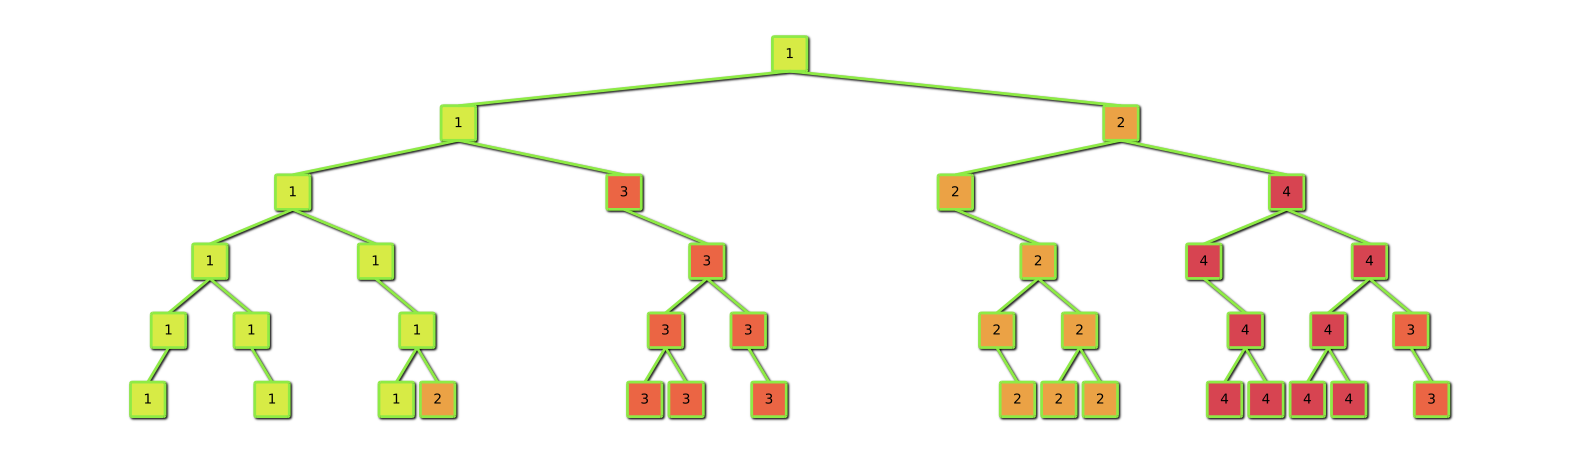 task_tree